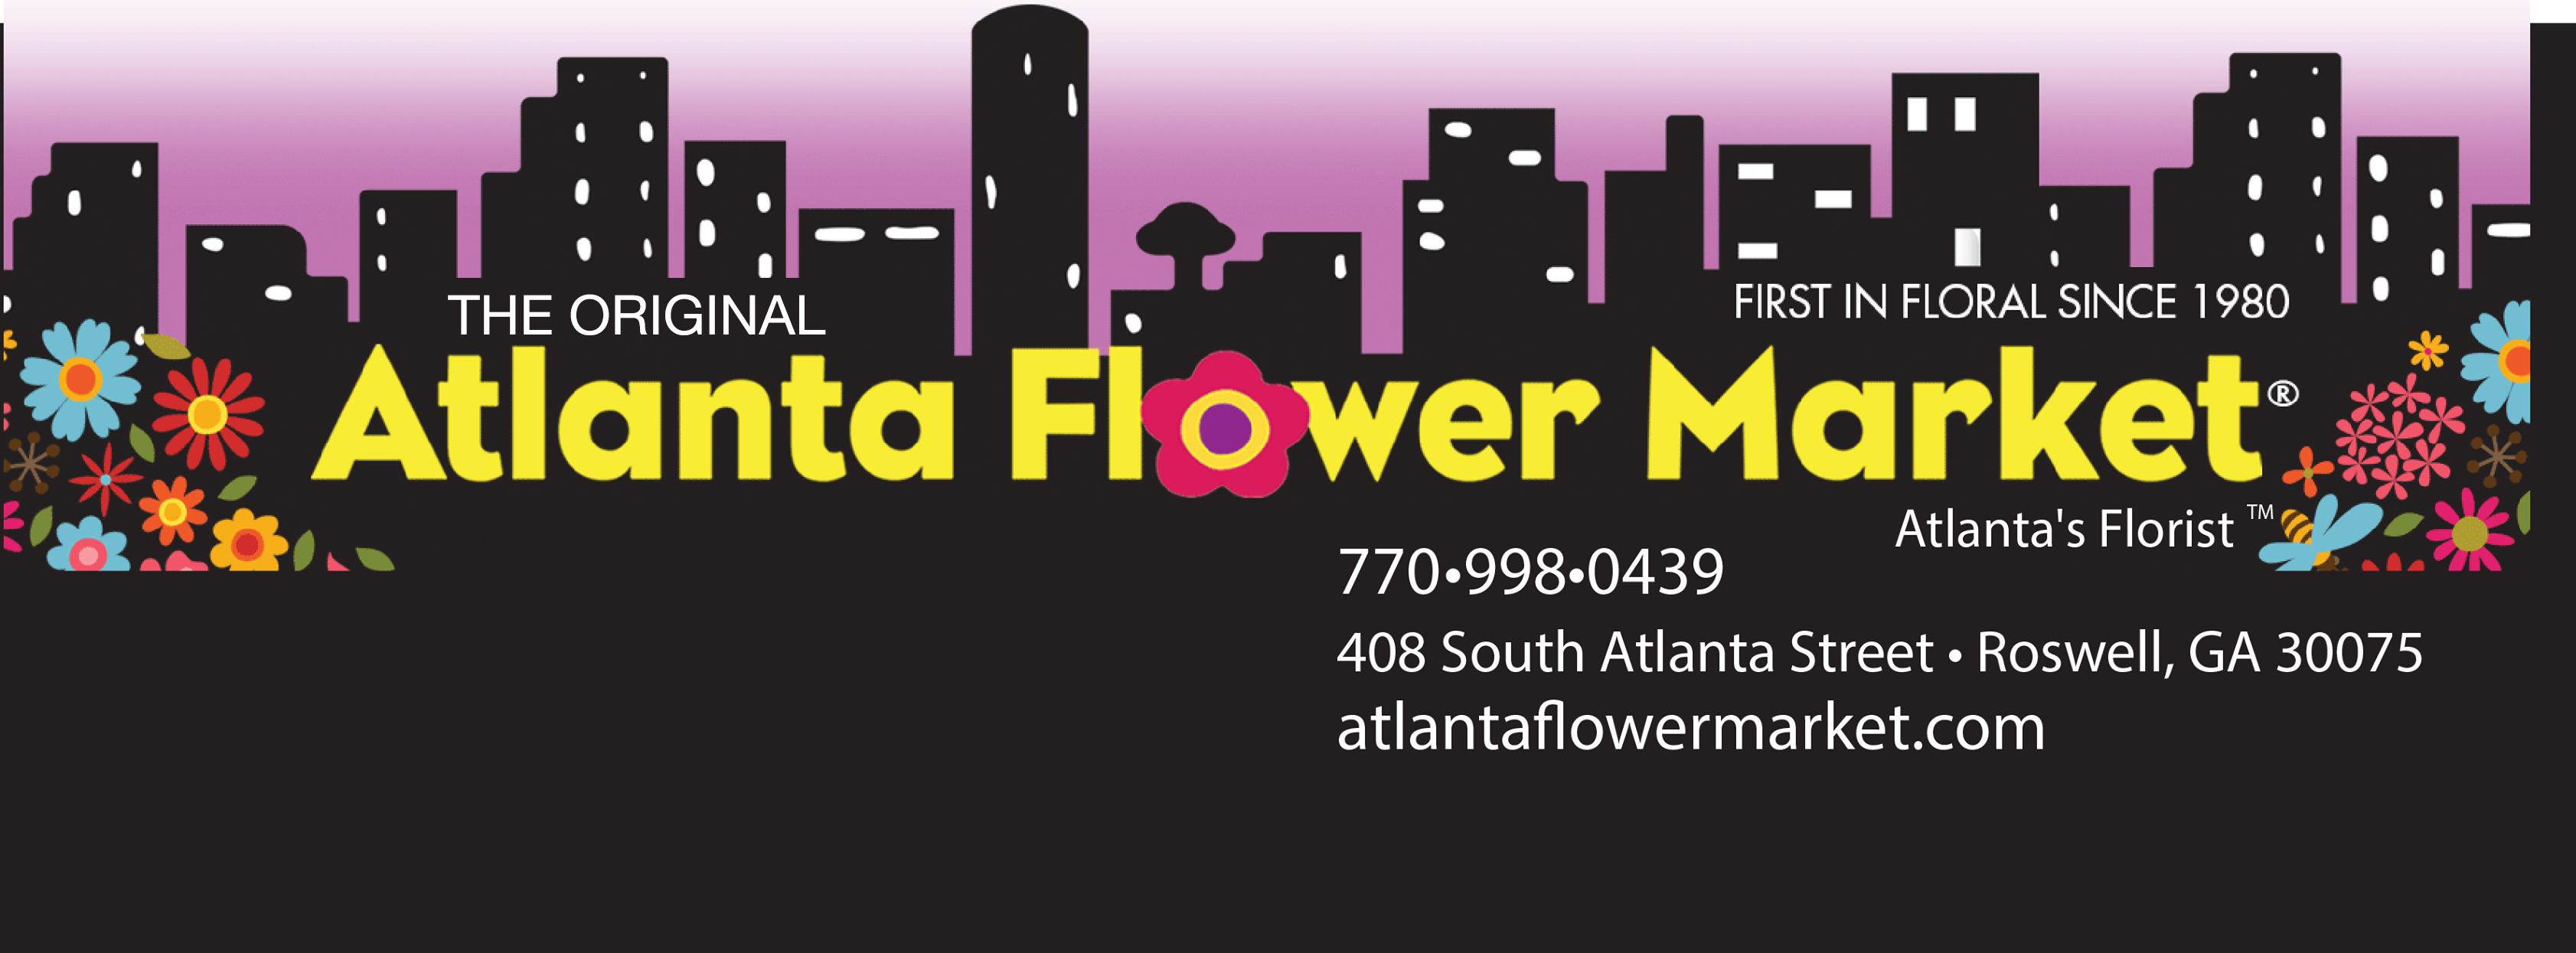 Atlanta Flower Market